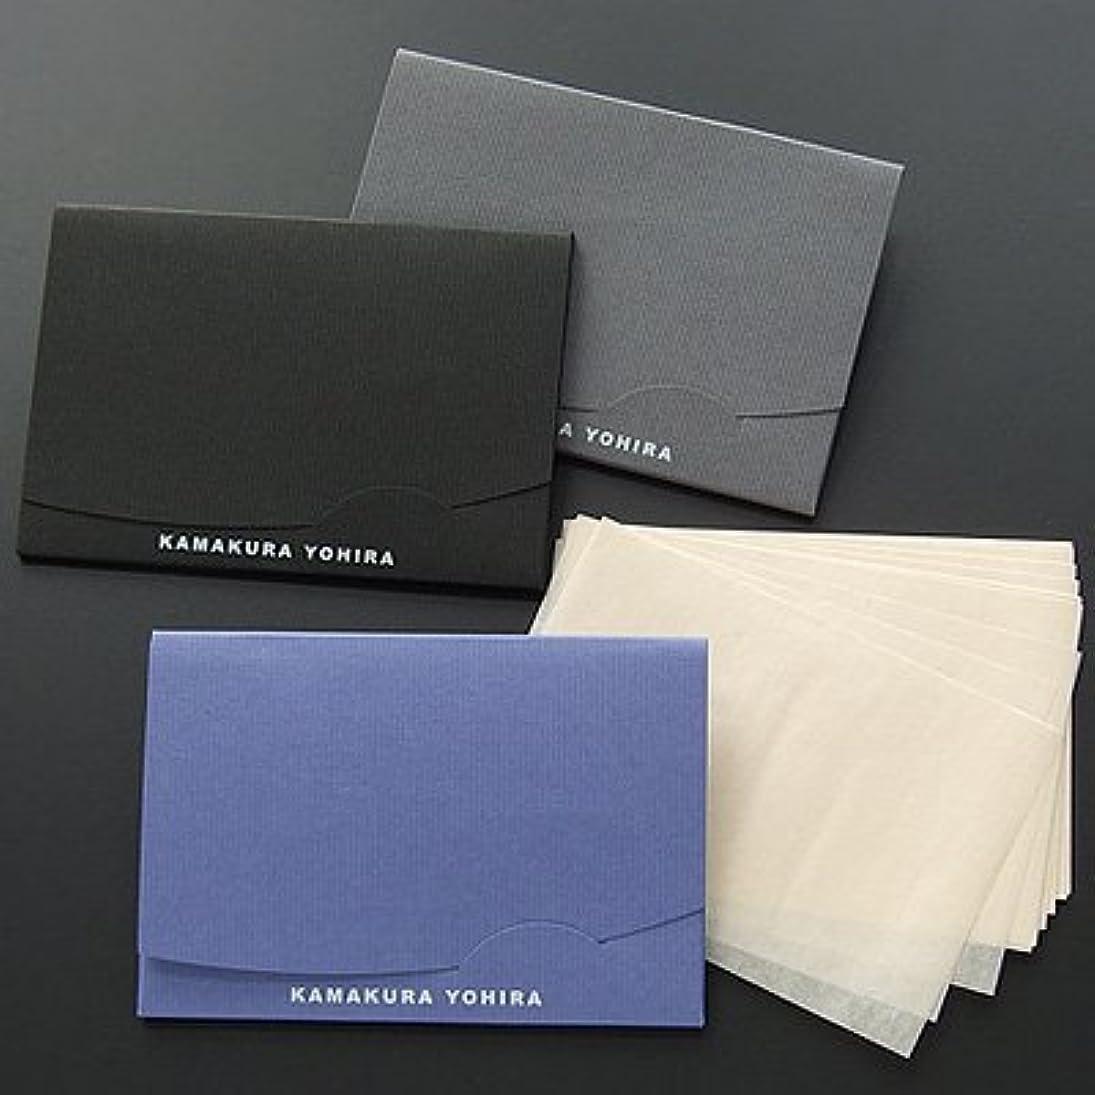 むしゃむしゃバクテリア普通に鎌倉四葩 カラーパレット?ダークセット 「絹すき」 短冊サイズ 各40枚入